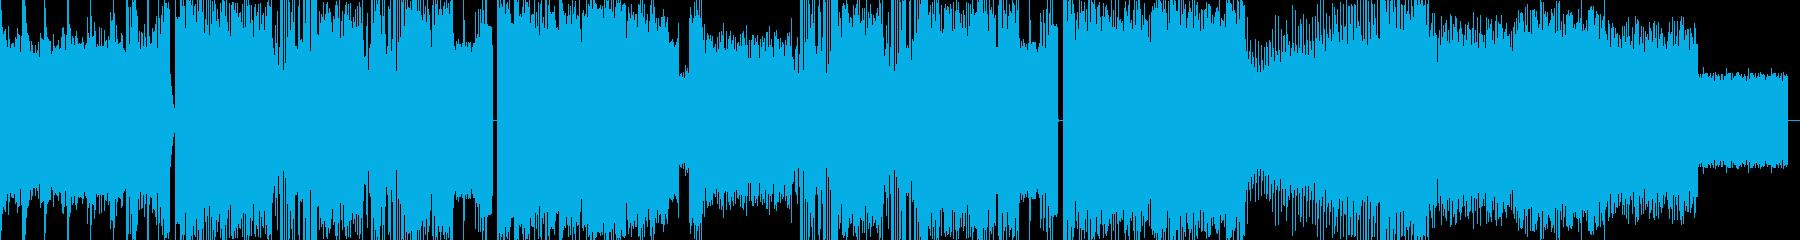 戦闘やバトルシーン用BGM ハードロックの再生済みの波形